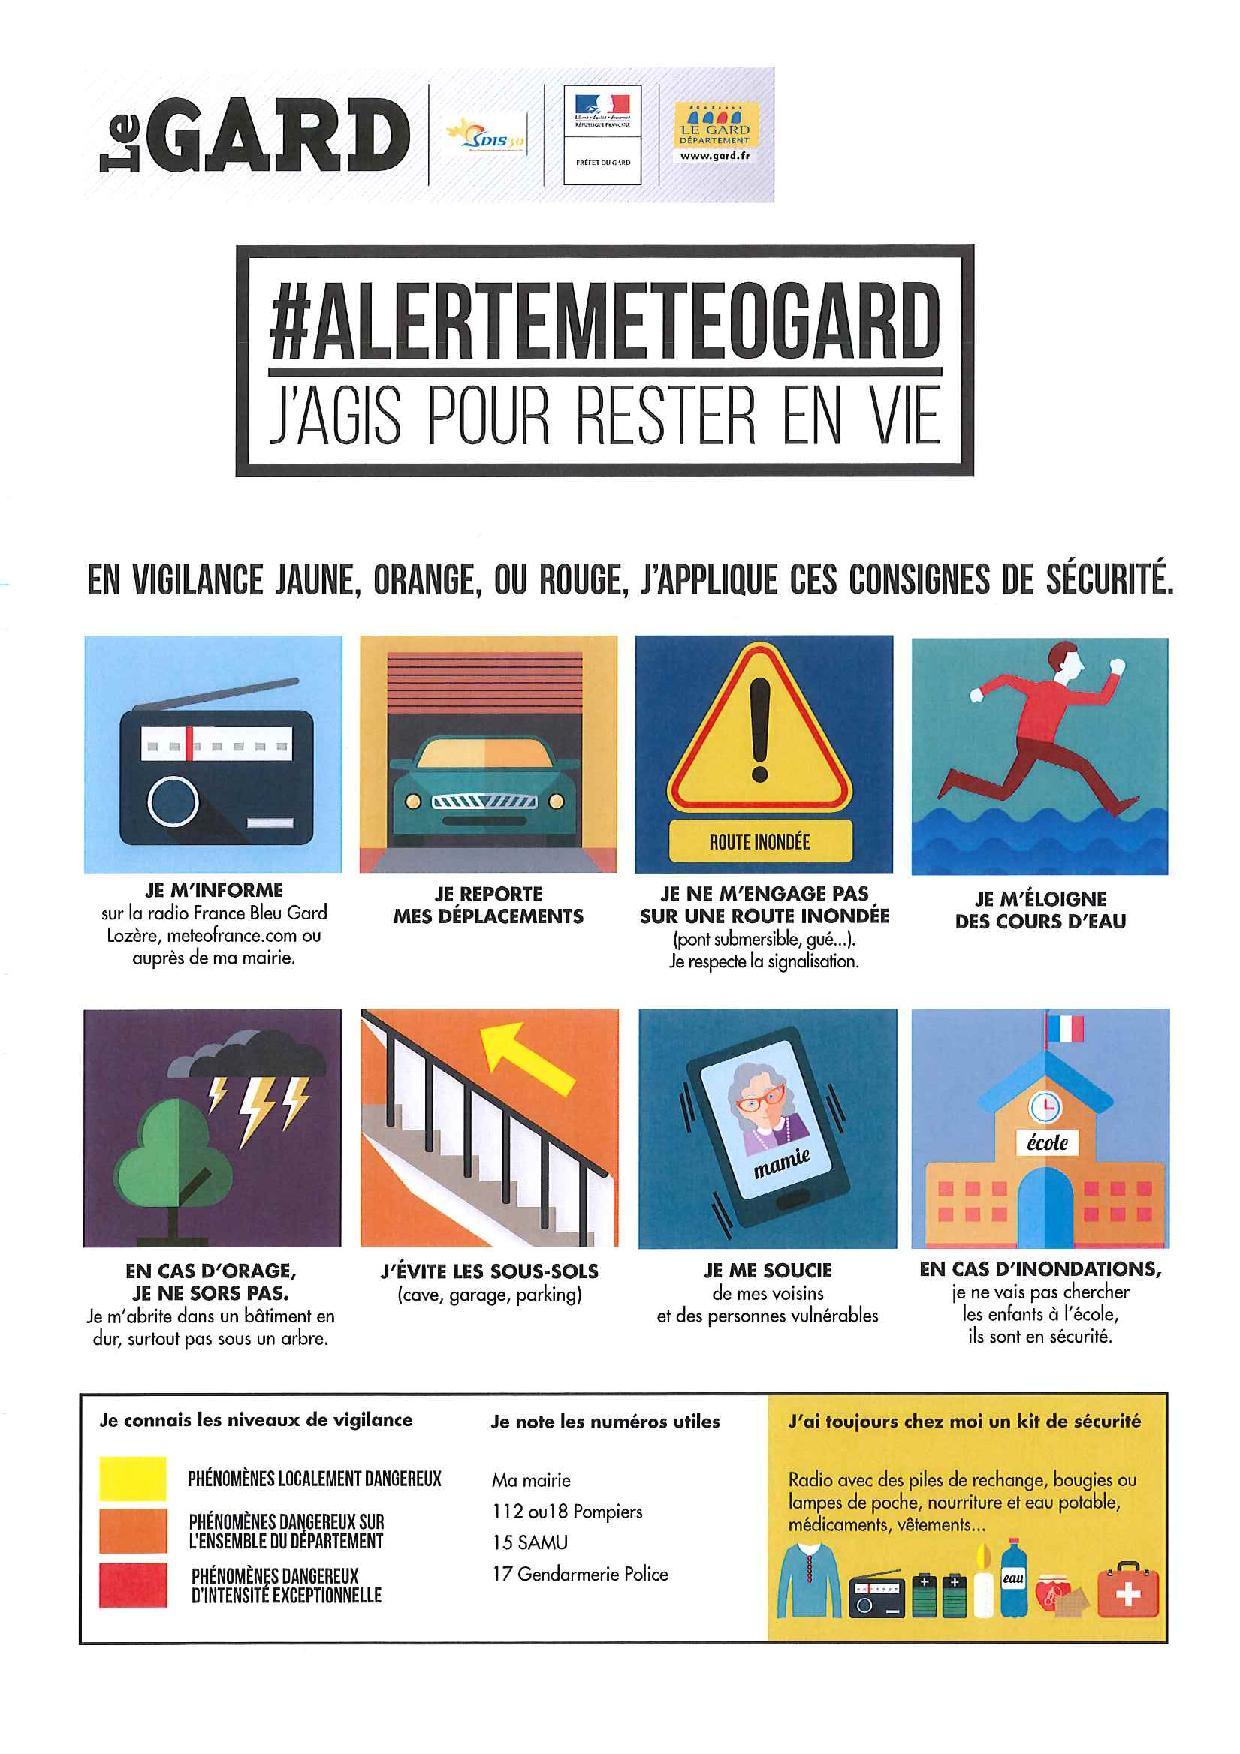 Communication : Alertes météo